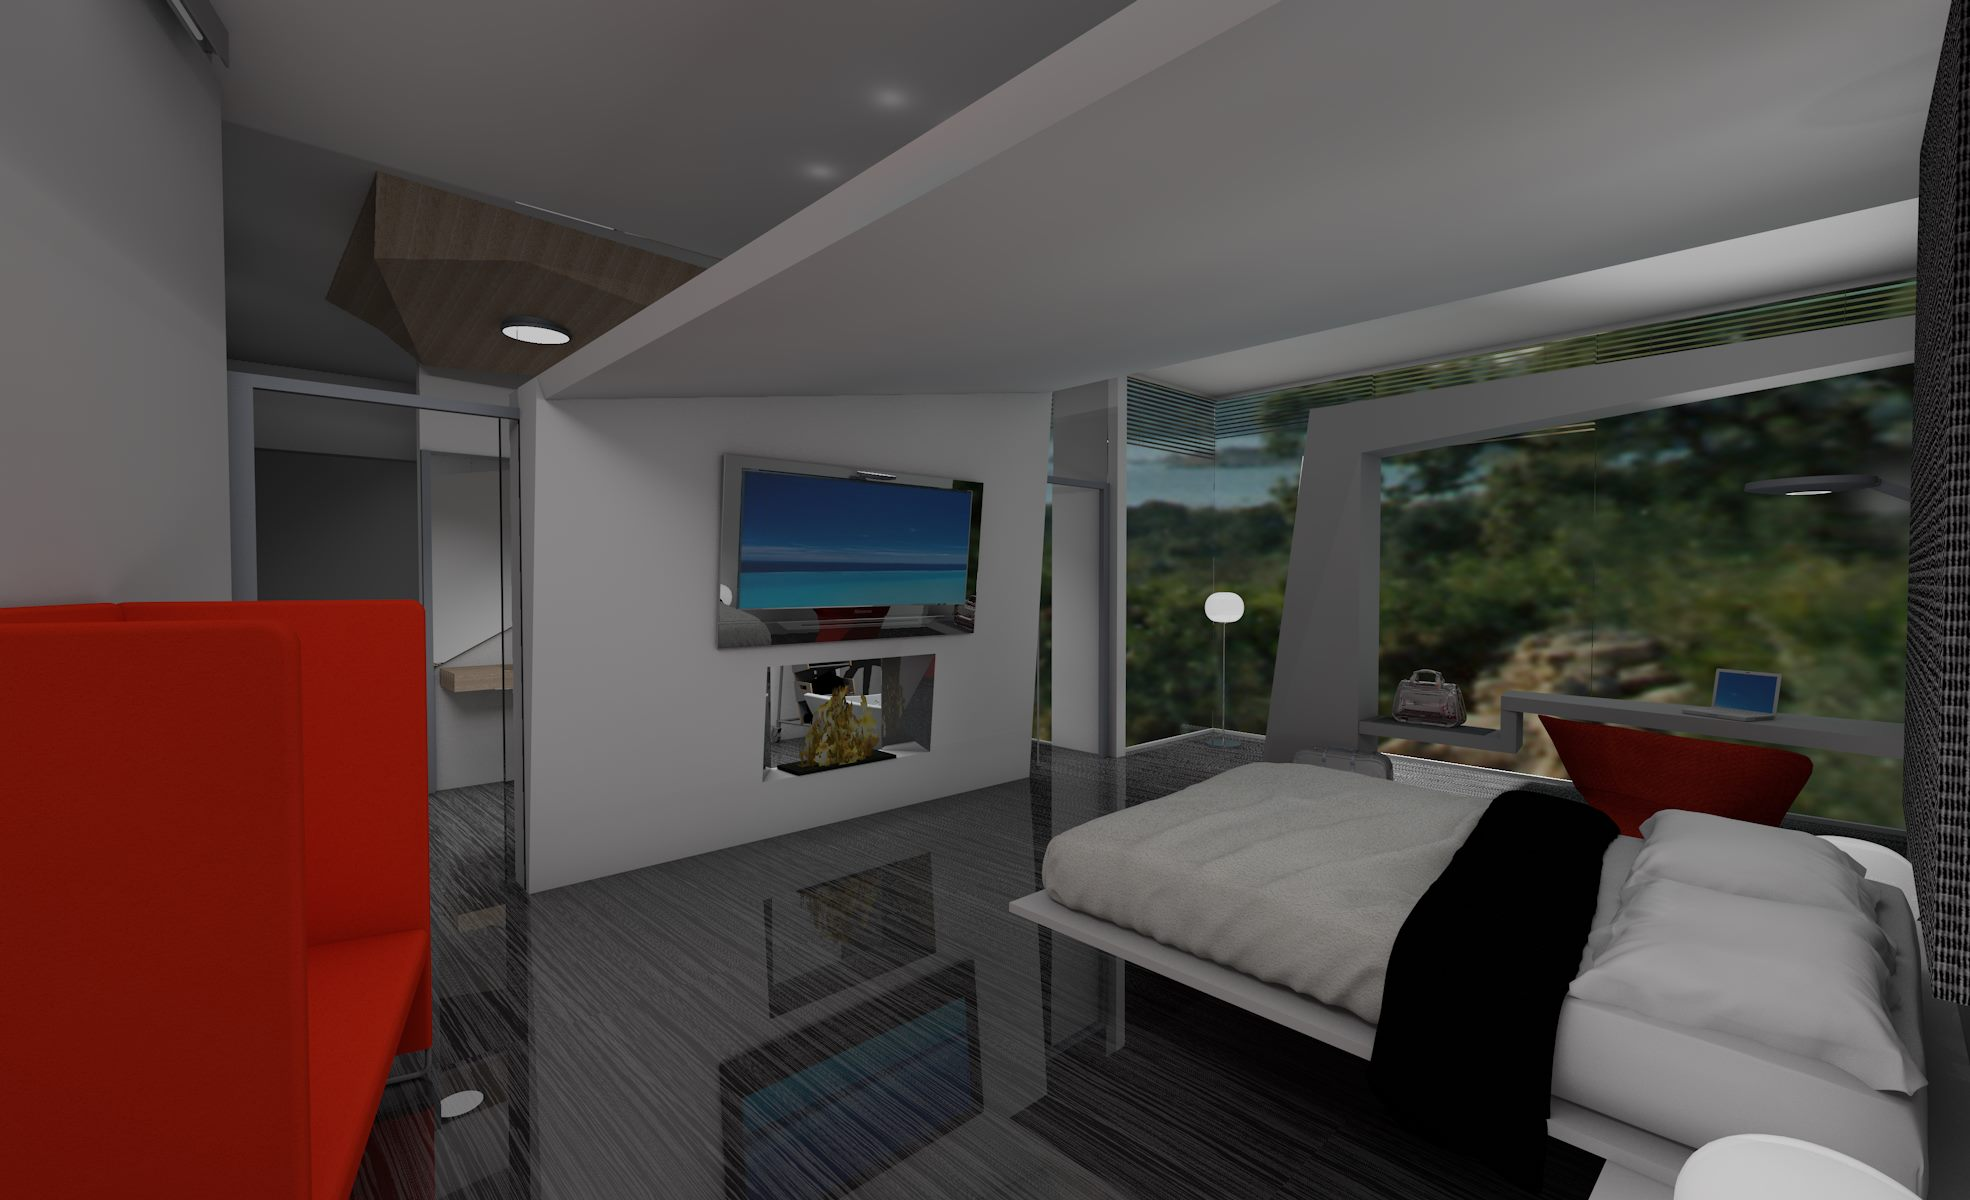 Affordable arredamento casa idee e tendenze di arredamento for Generatore di piano di pavimento online gratuito